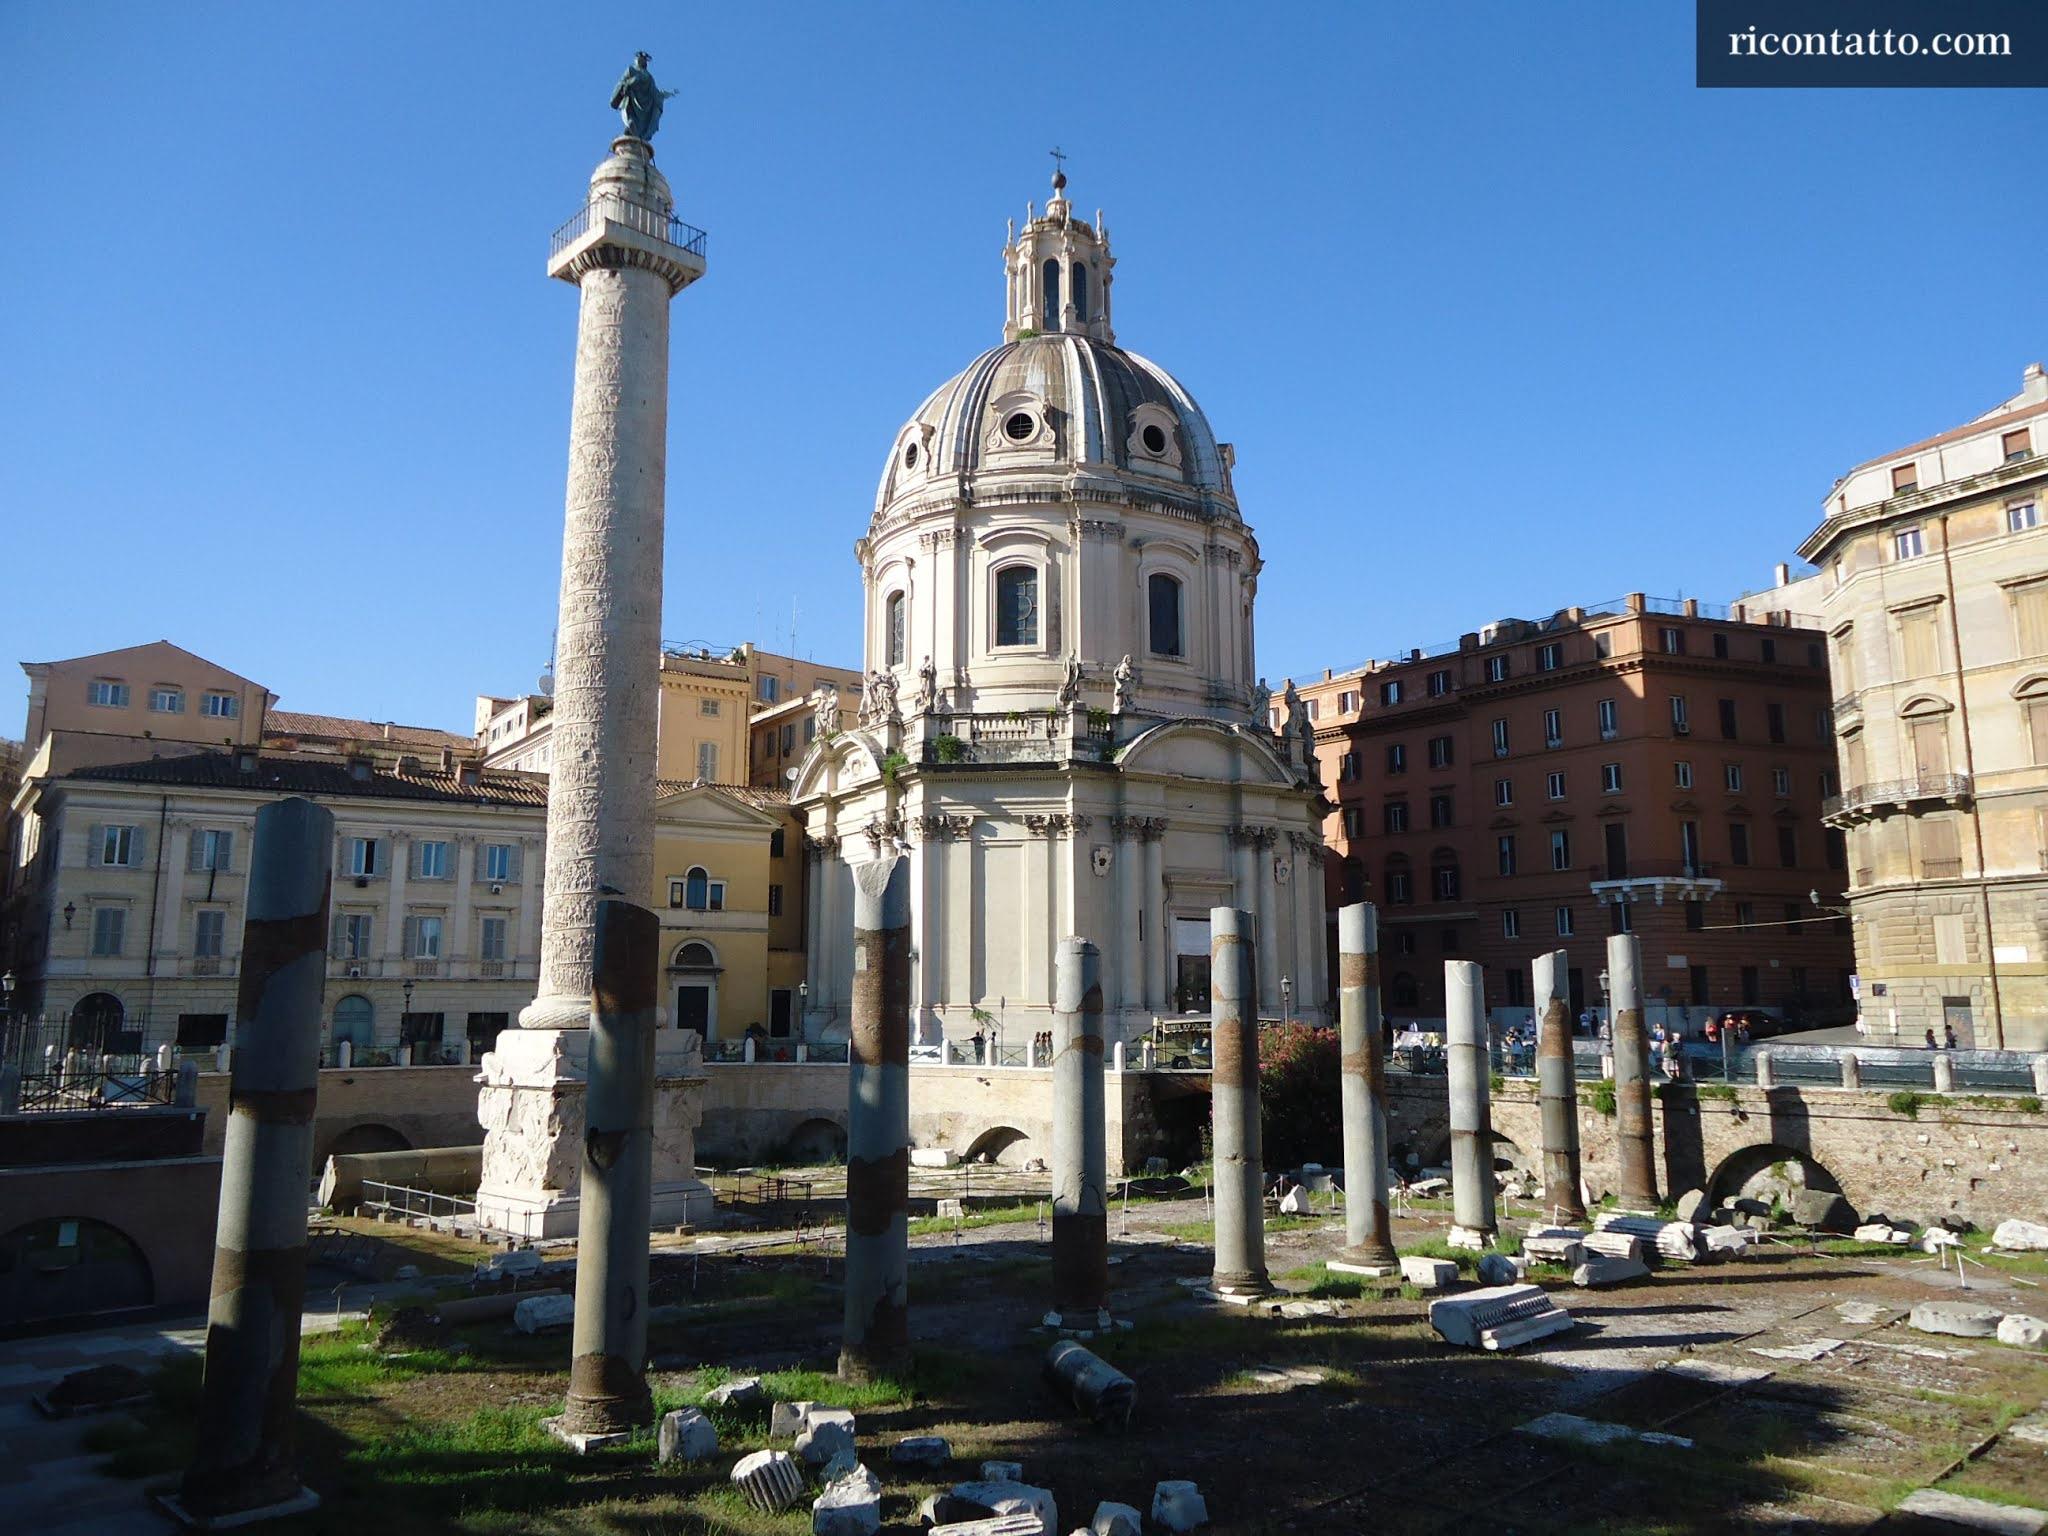 Roma, Lazio, Italy - Photo #16 by Ricontatto.com